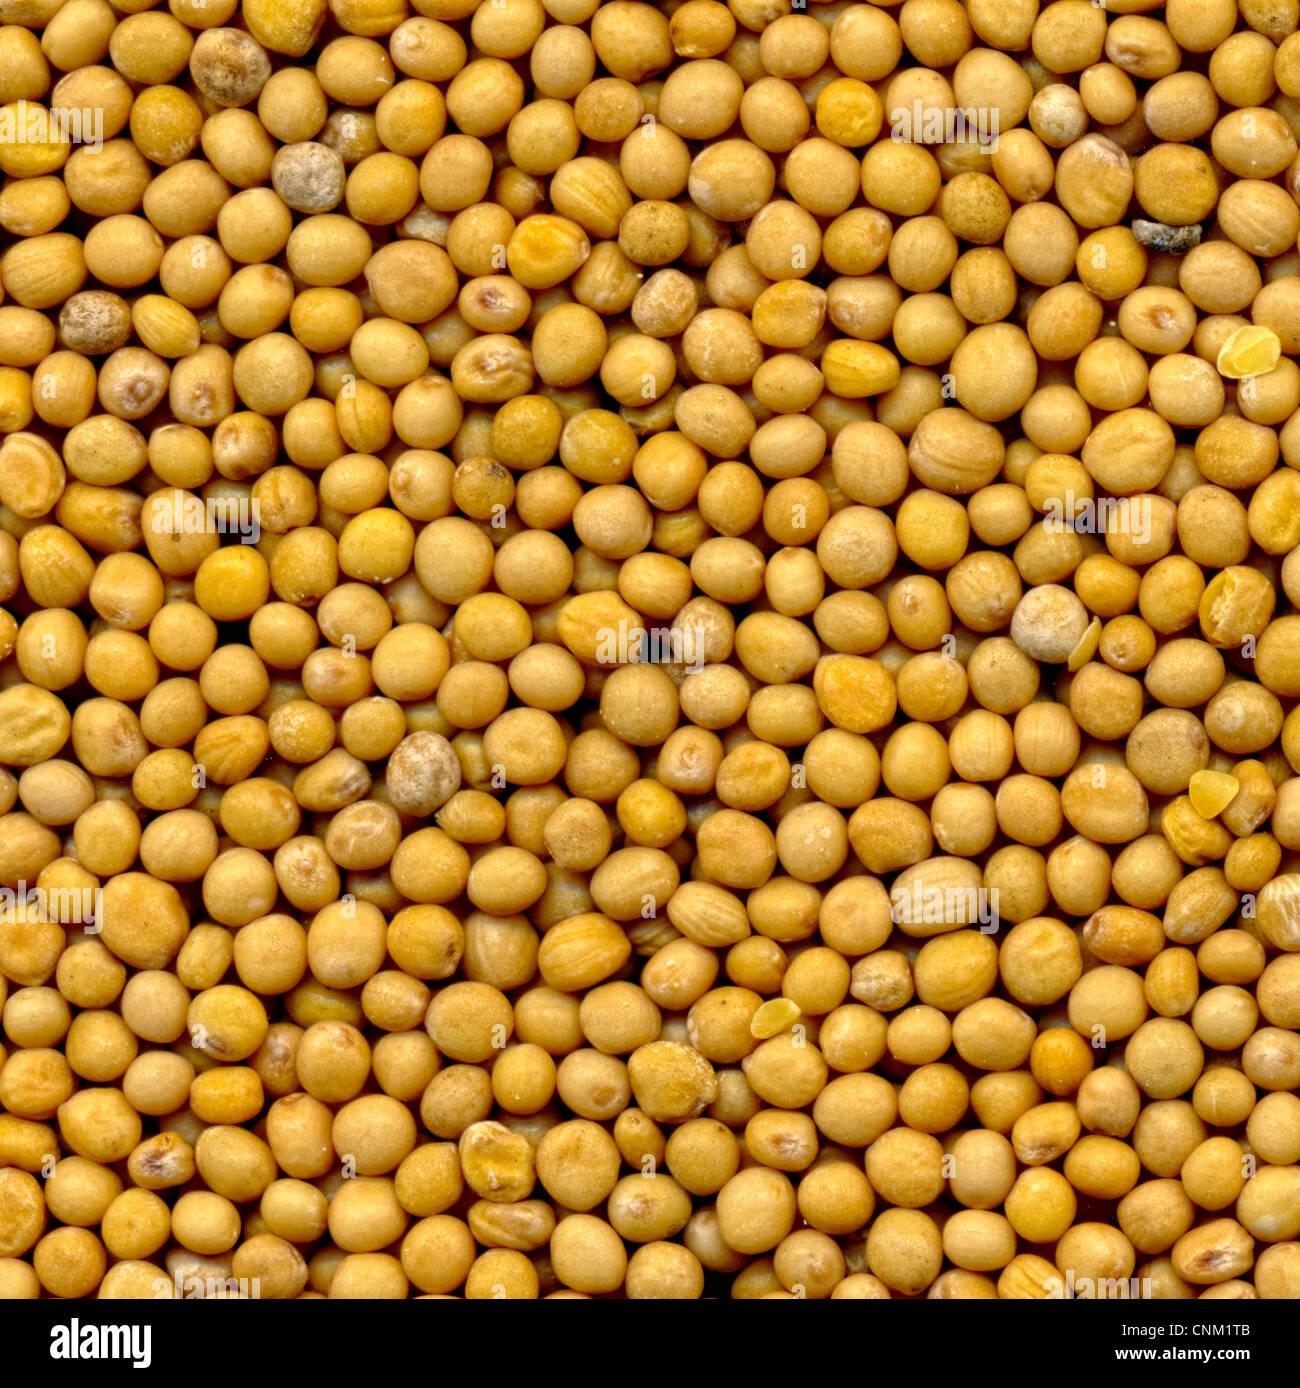 White mustard seeds , Senfkörner, granum sinapis, Samenkörner des weißen Senf - Stock Image